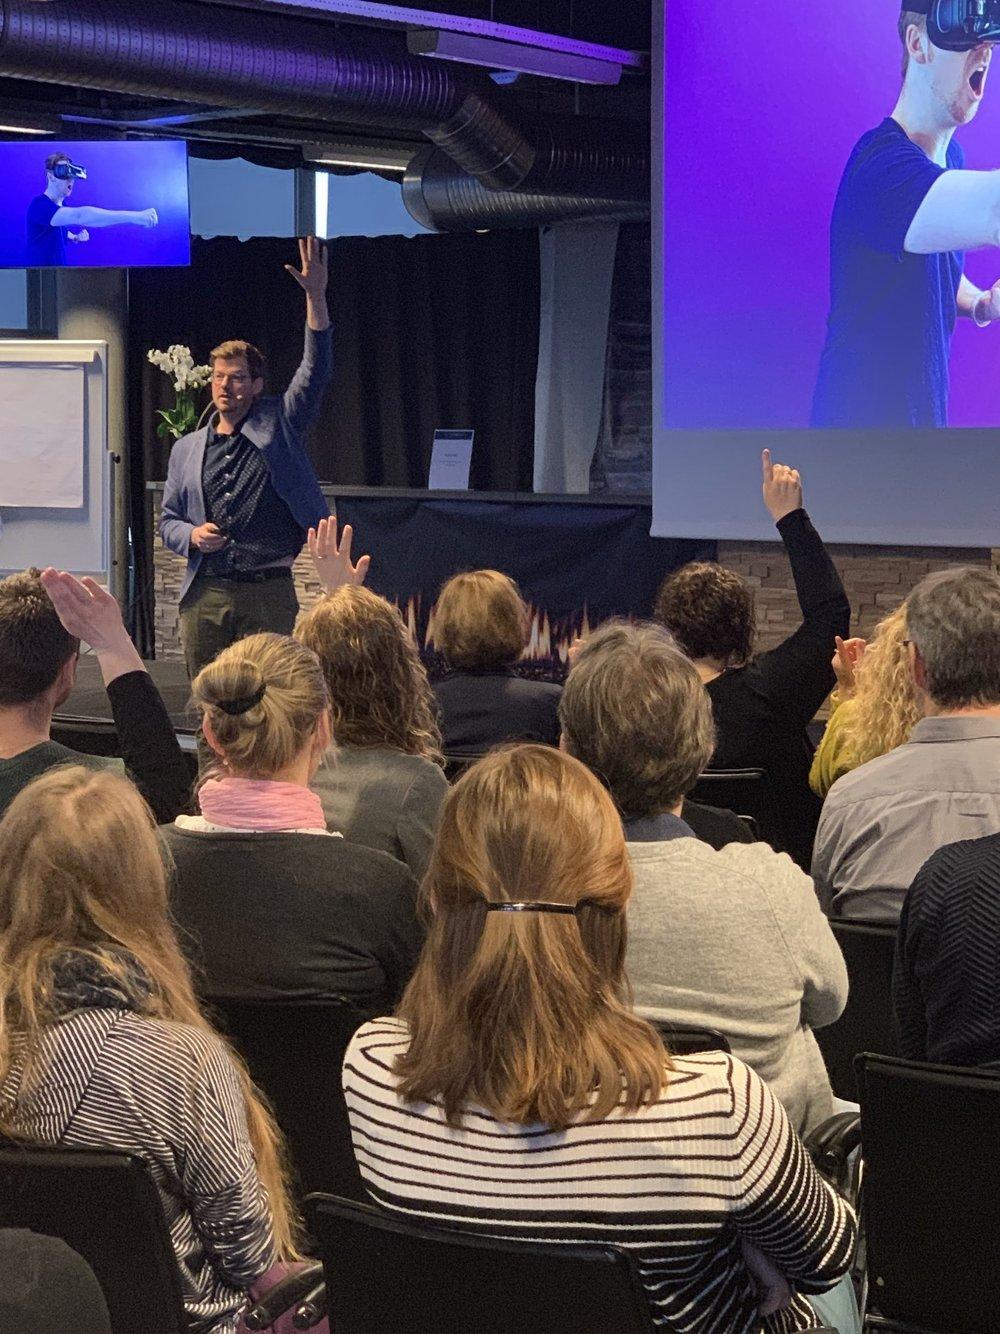 Harald Tokerød indrømmer, at han synes det er lidt grænseoverskridende at have virtual reality-brillerne på